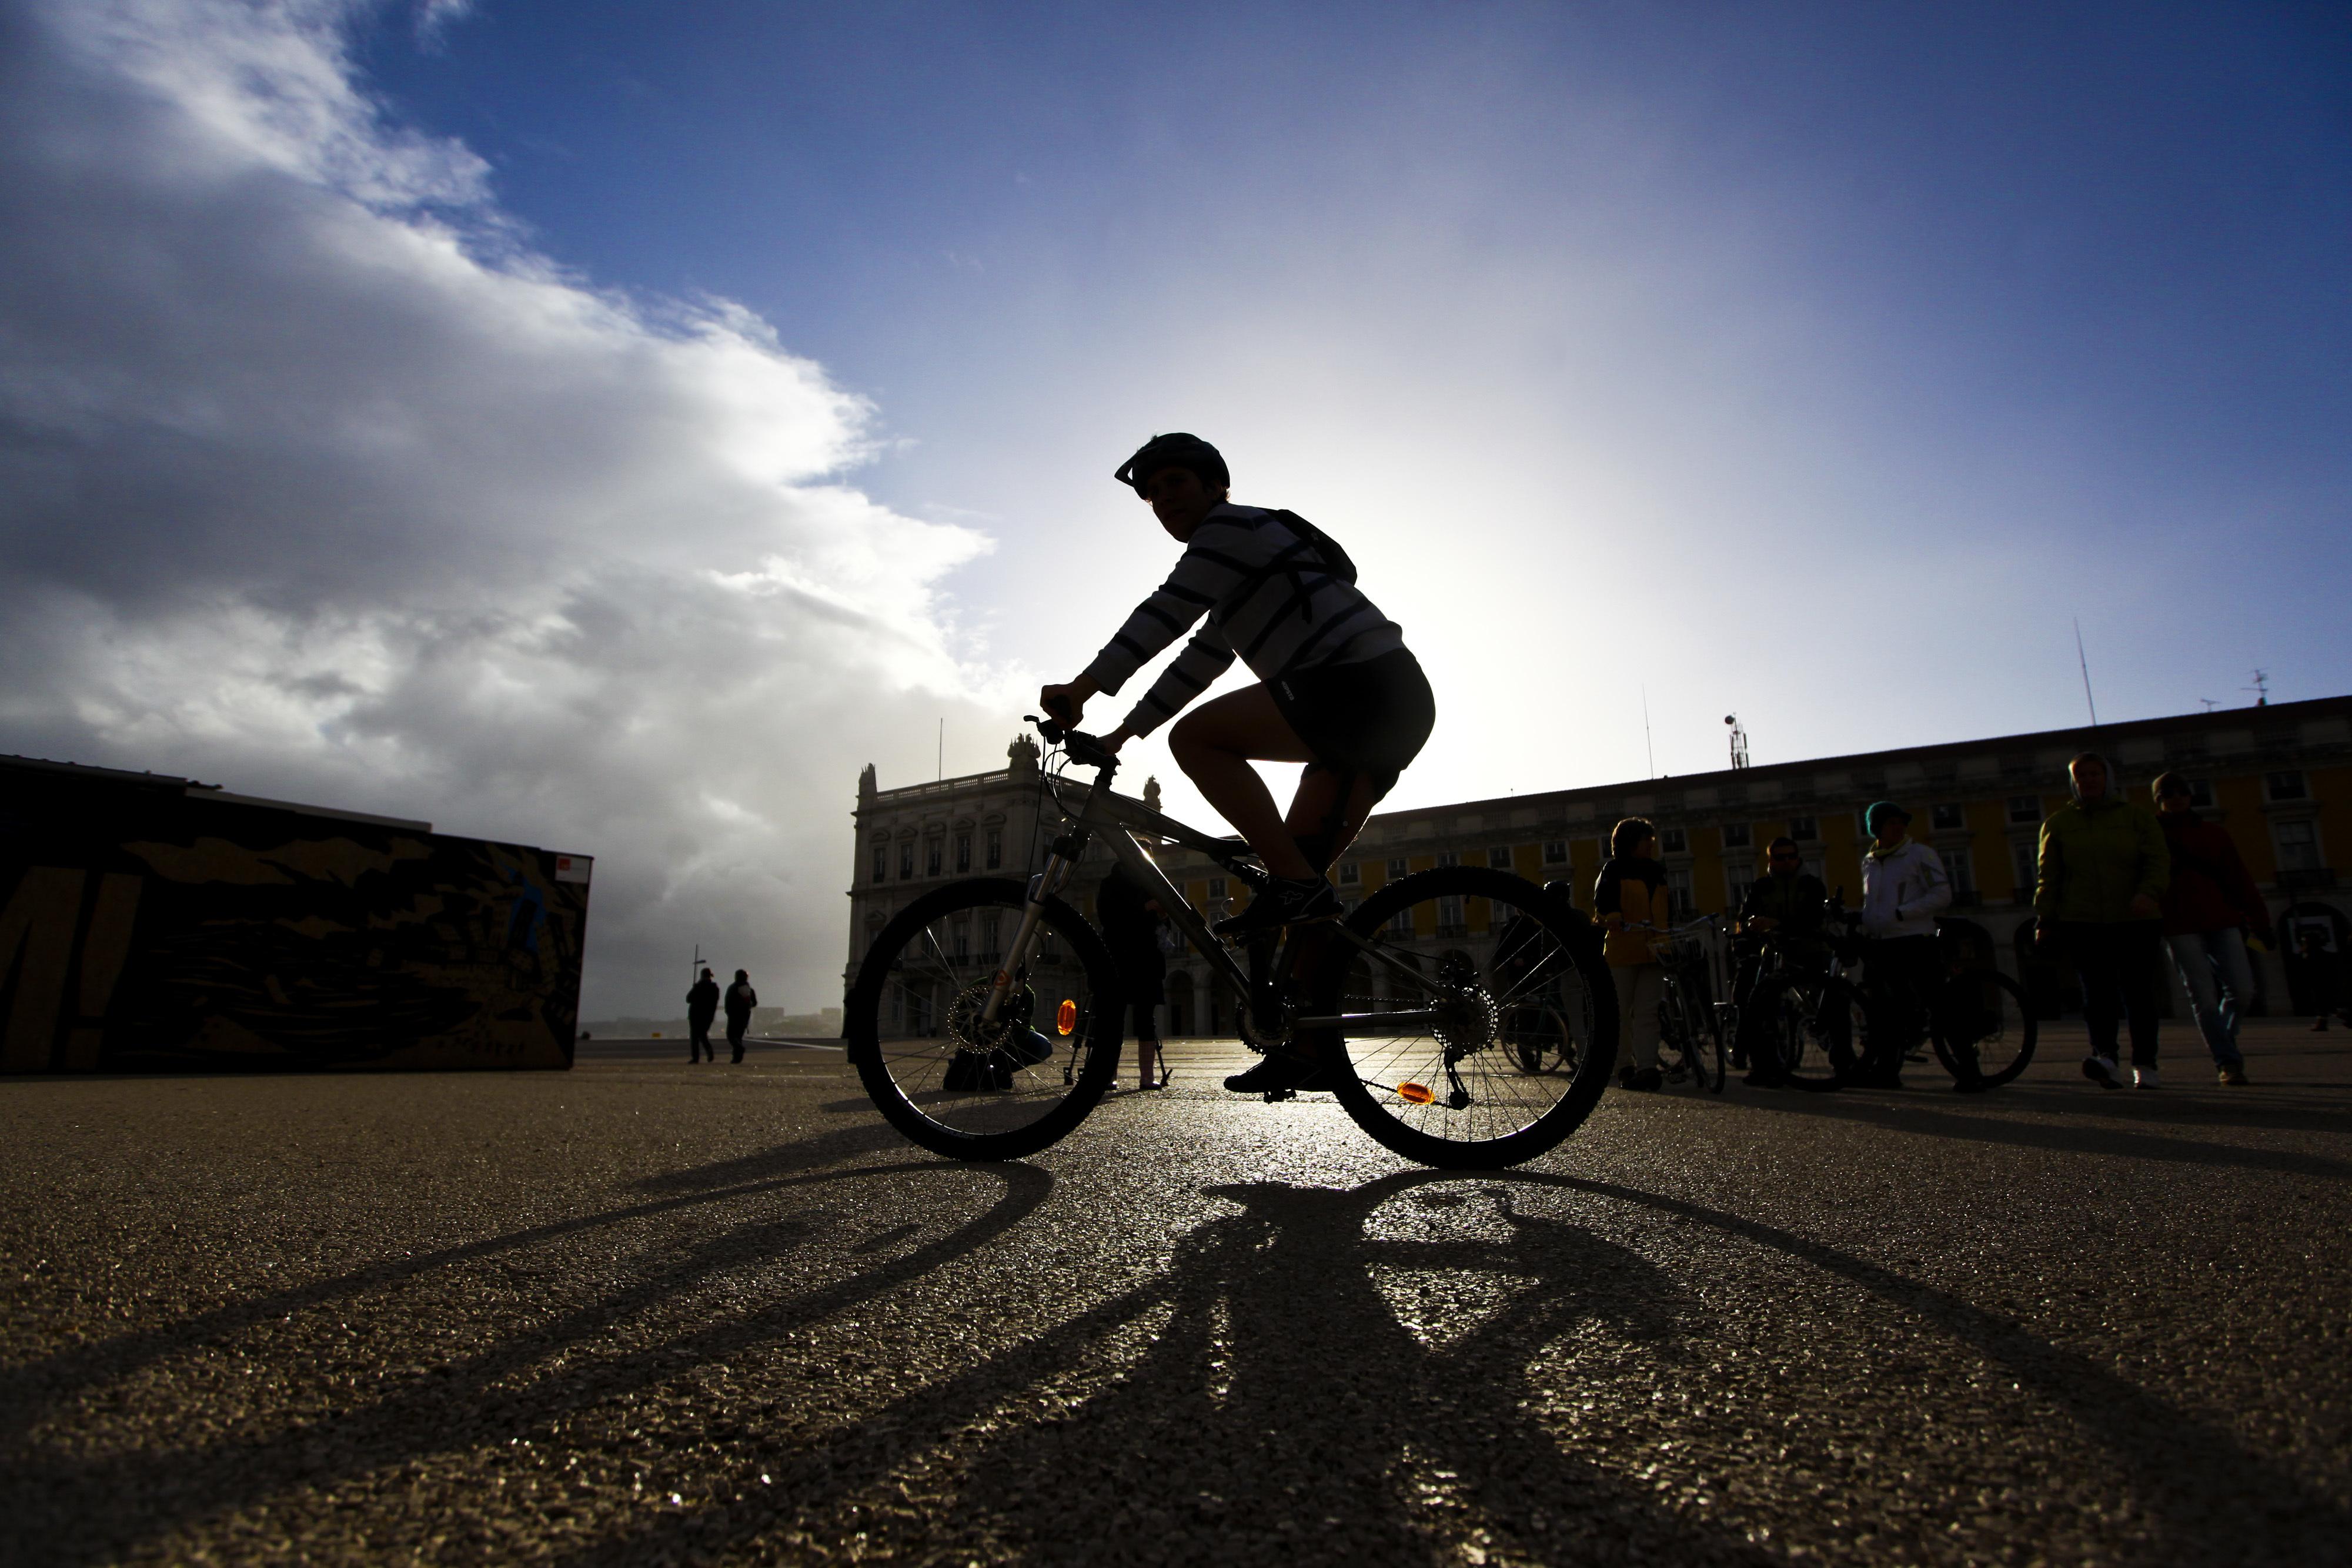 Amantes do ciclismo ansiosos pelo regresso dos 'granfondos'